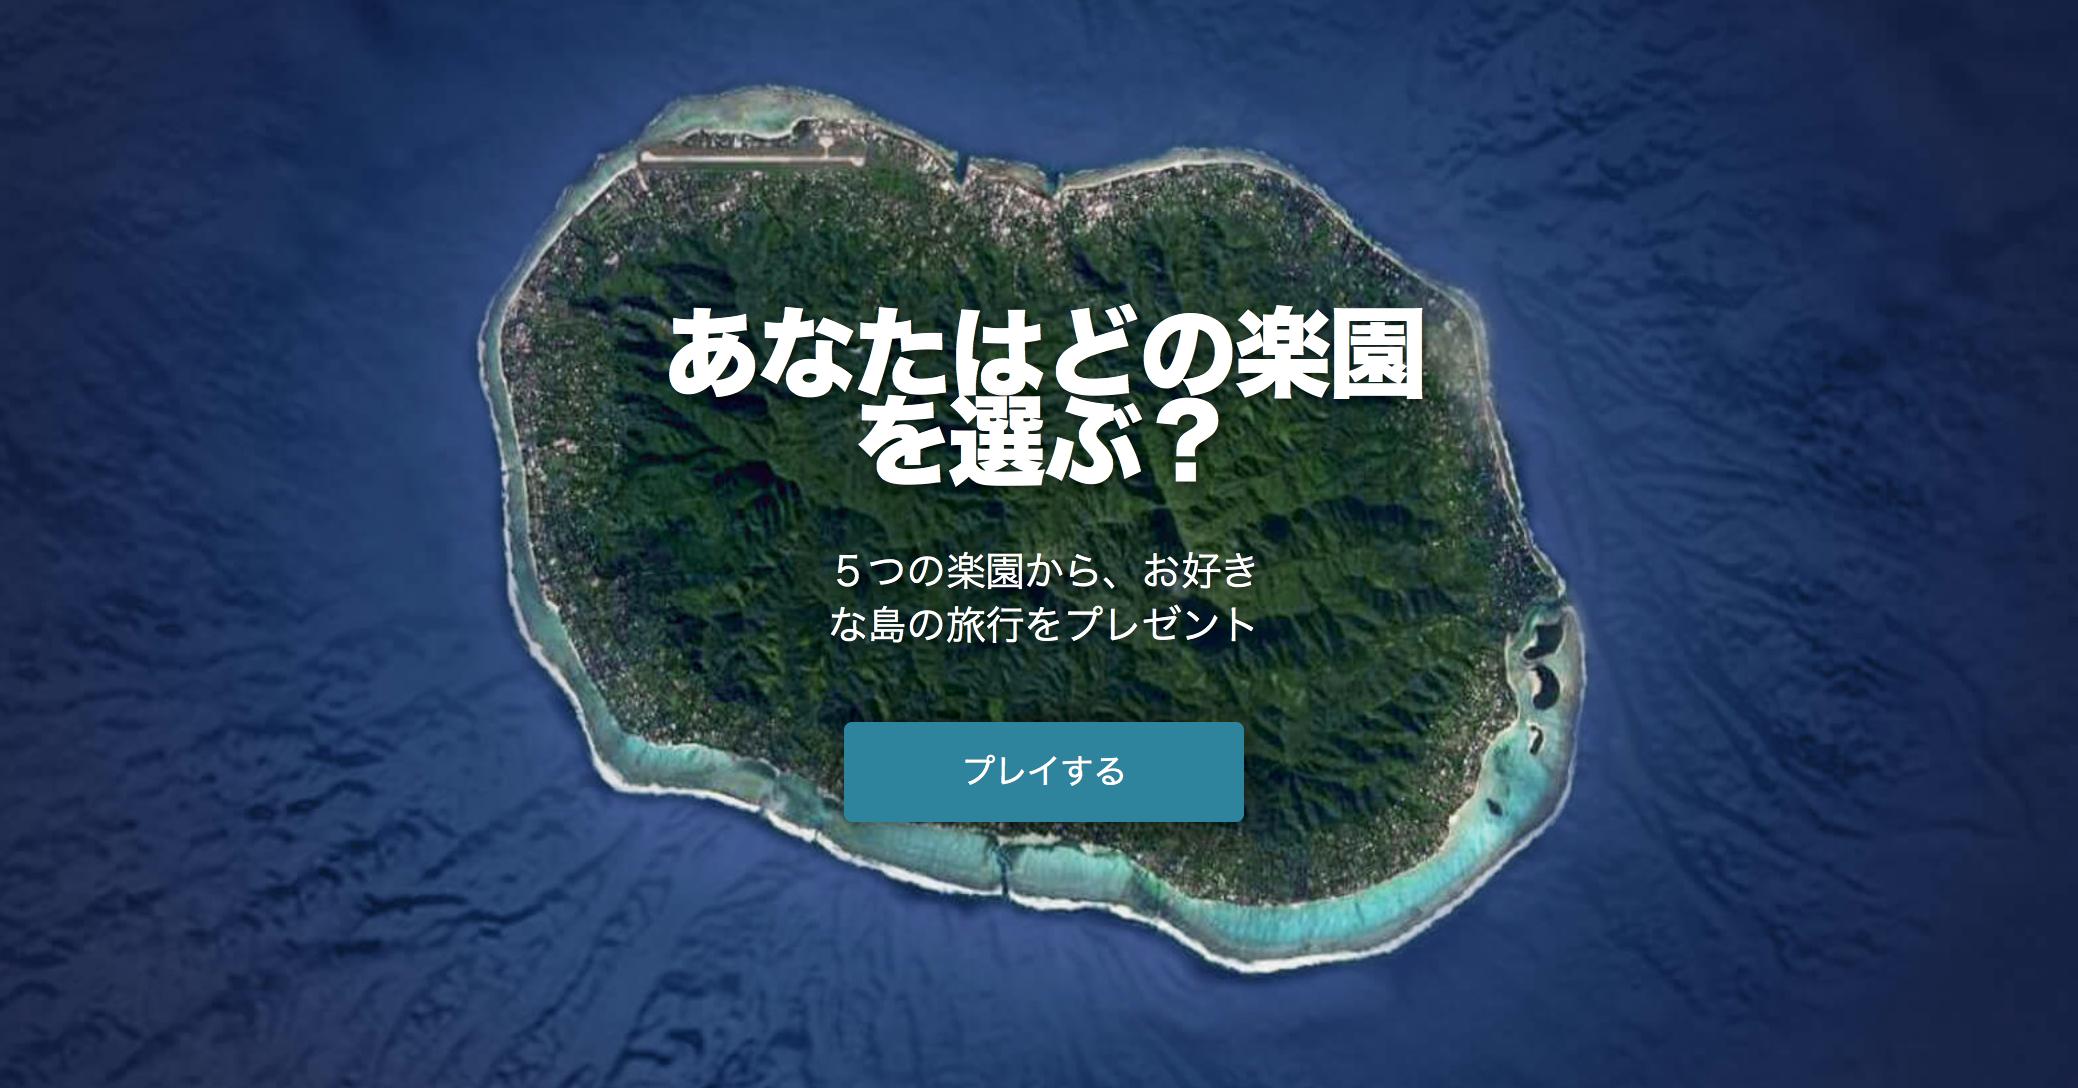 南の島へタダで行けるチャンス!NZ航空が魅力的なキャンペーン実施中!